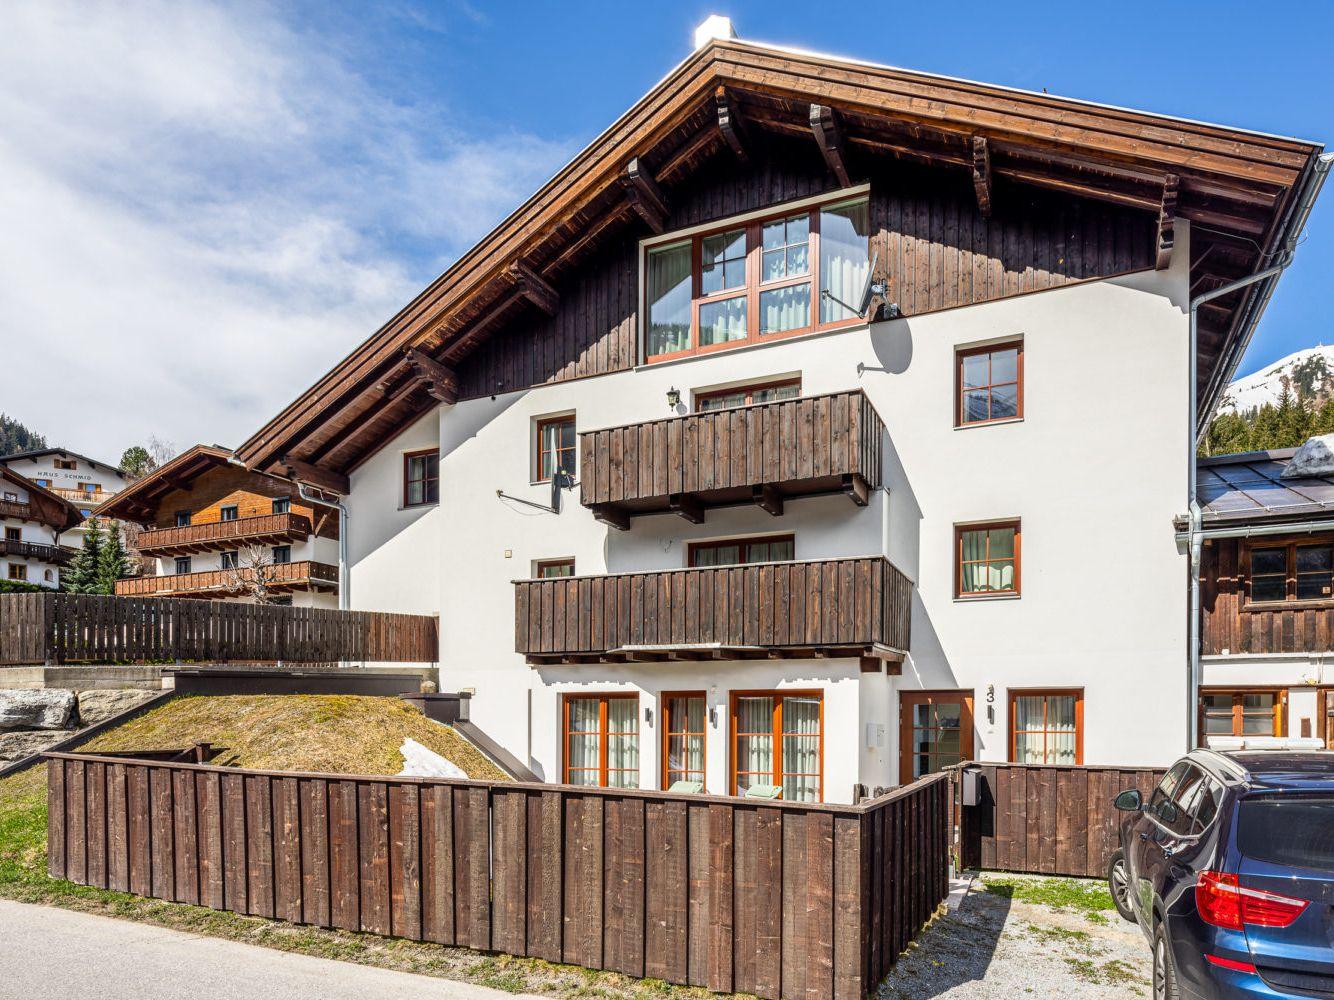 Chalet-appartement Bergspitz inclusief catering en privé-sauna - 6 personen